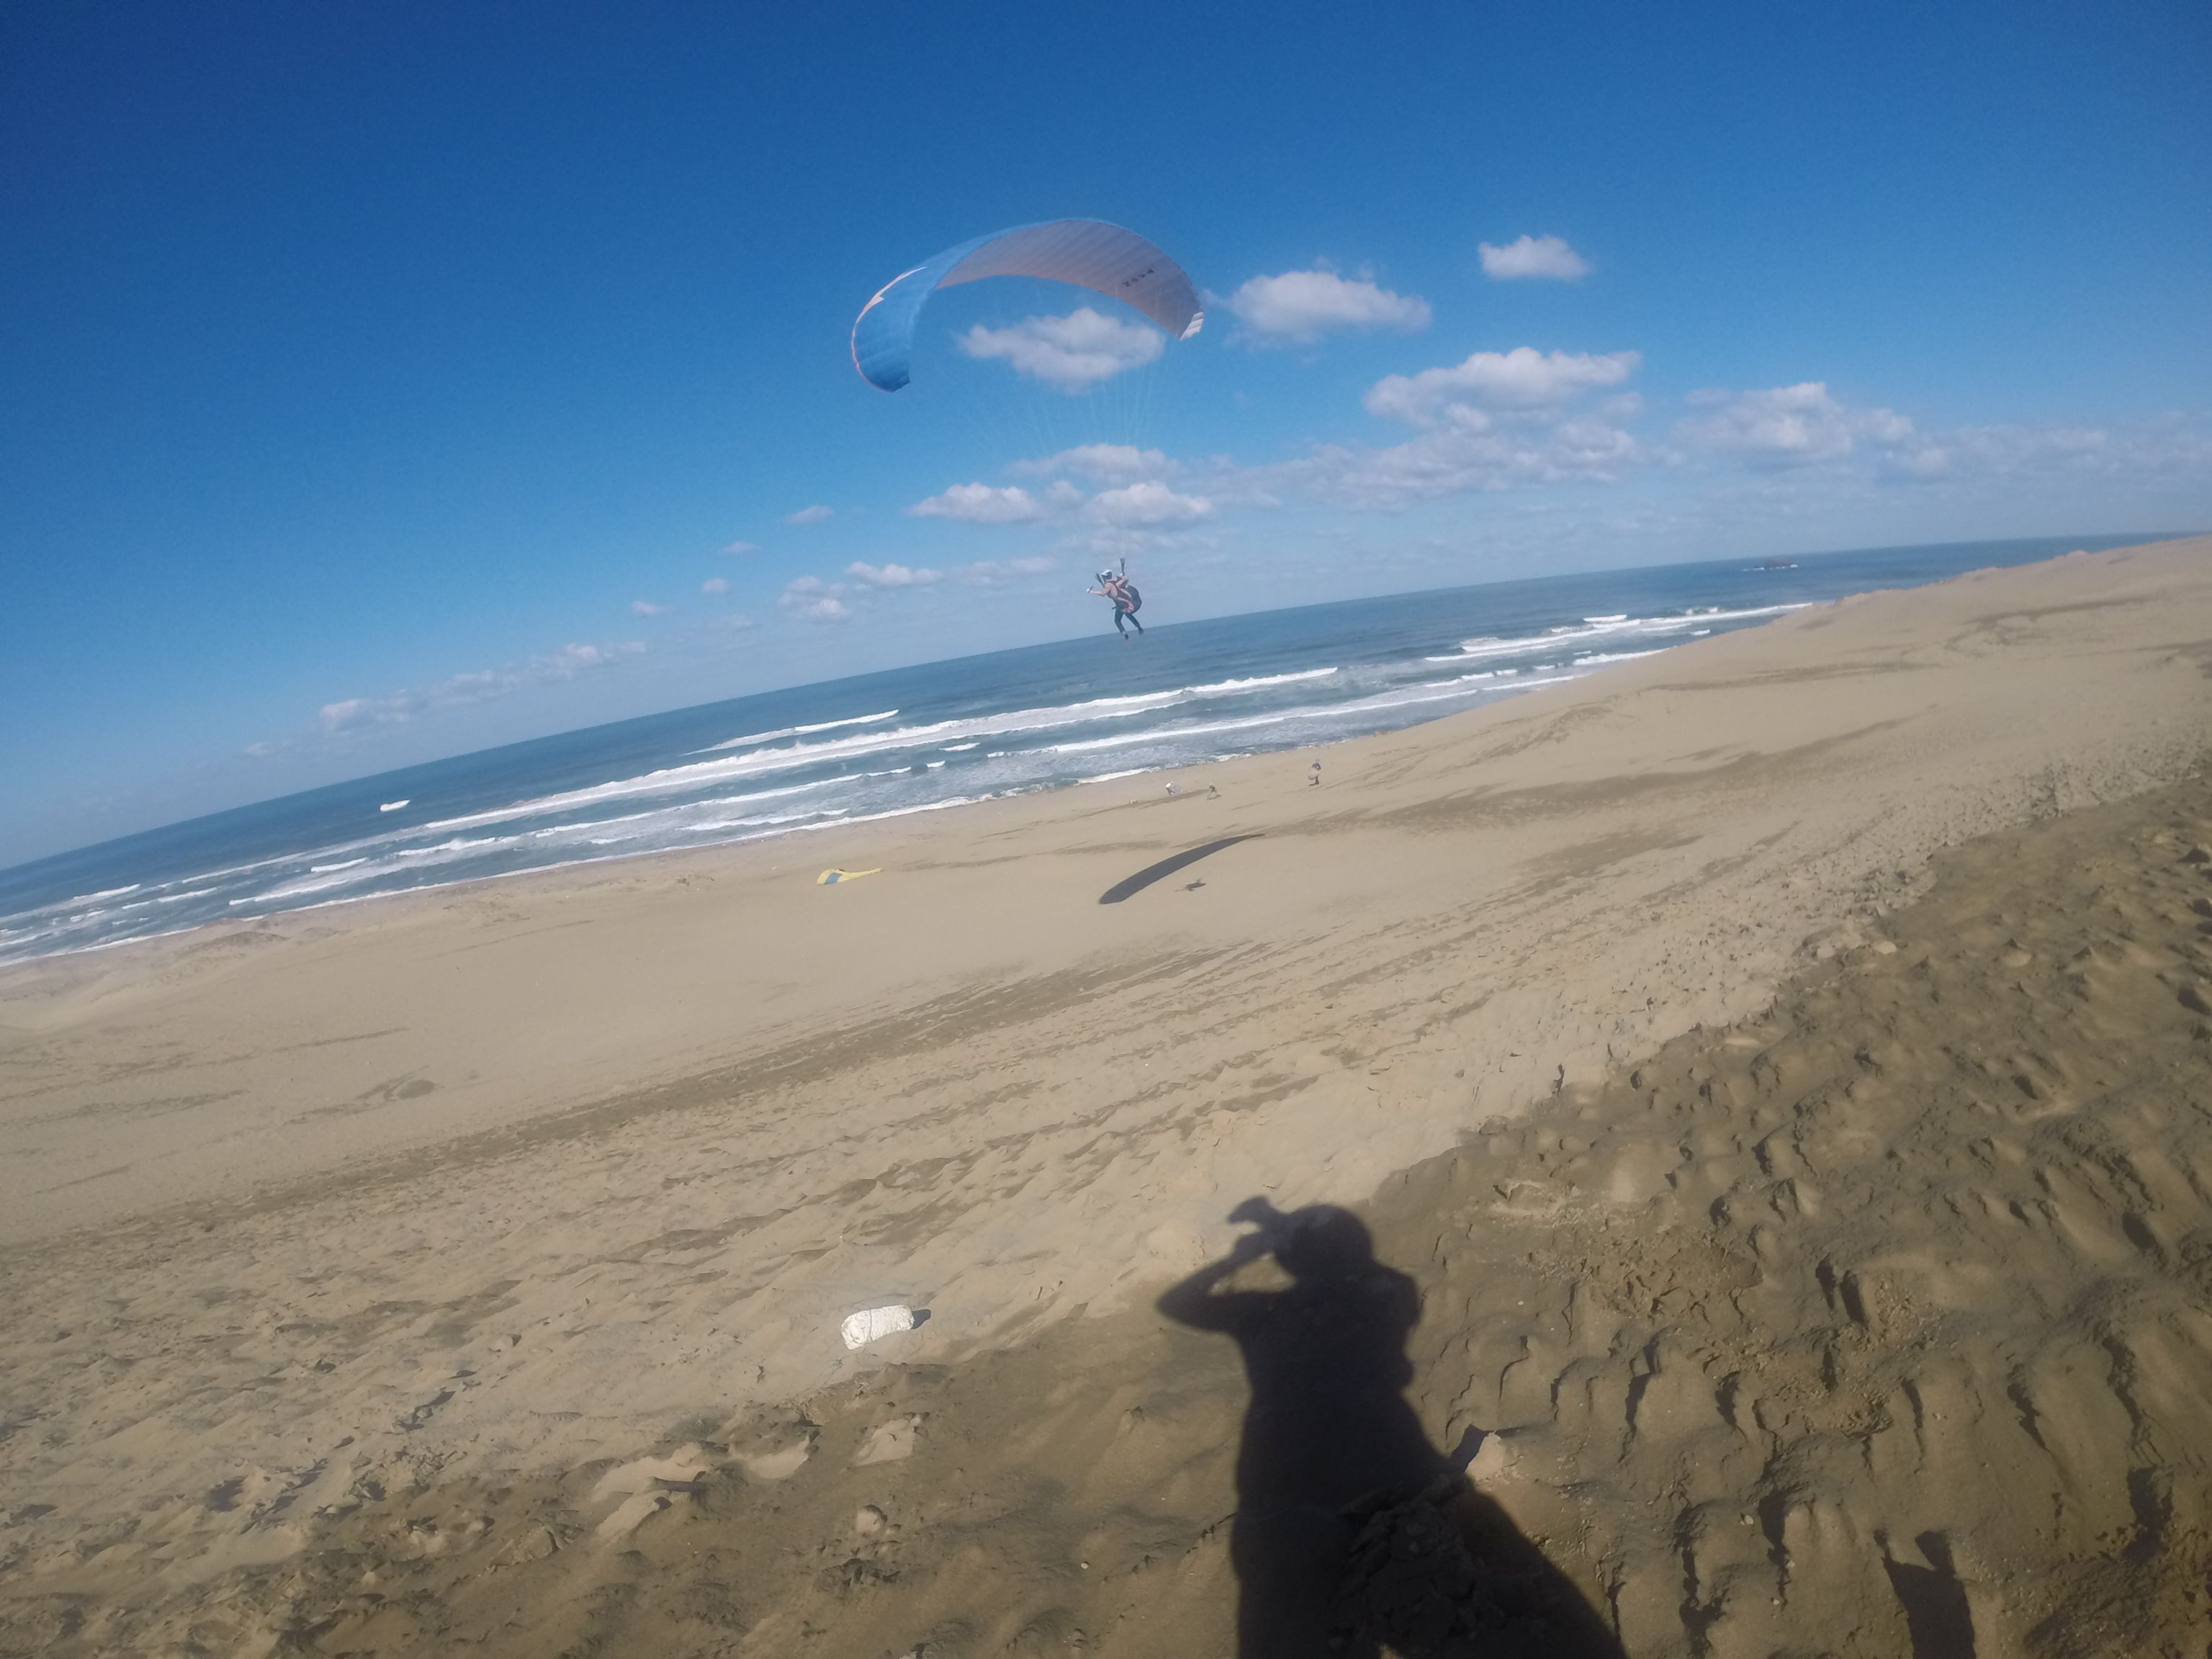 今度は海風に乗って、長めの滞空が楽しめました